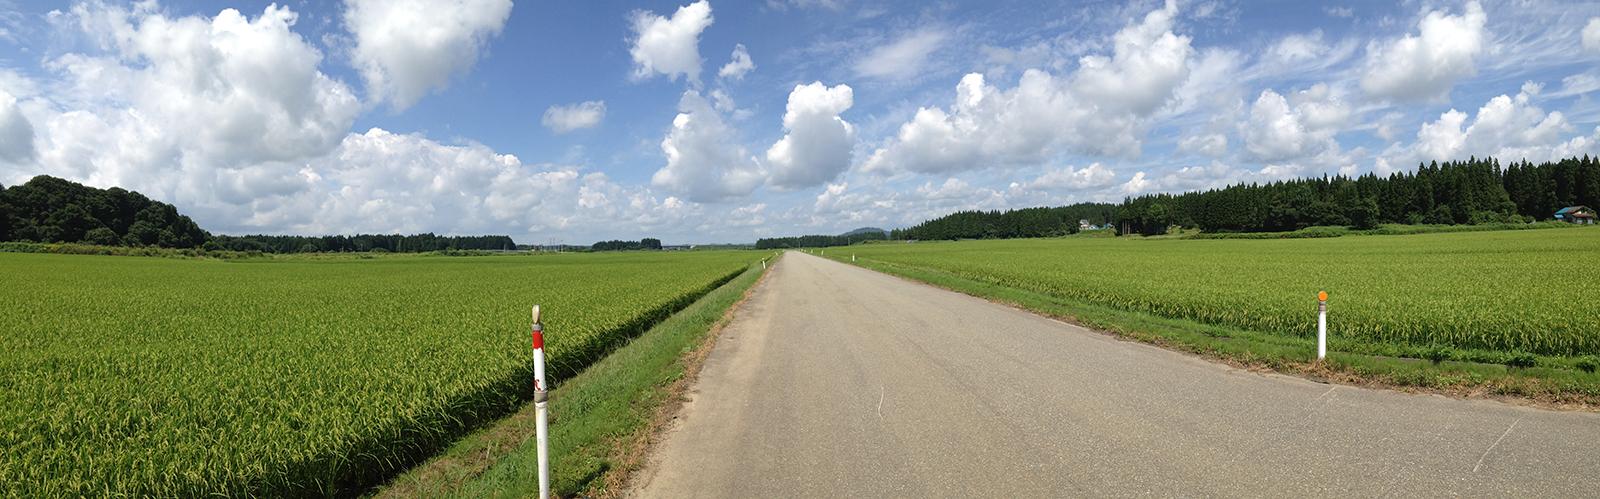 大仙市土川の田んぼ道